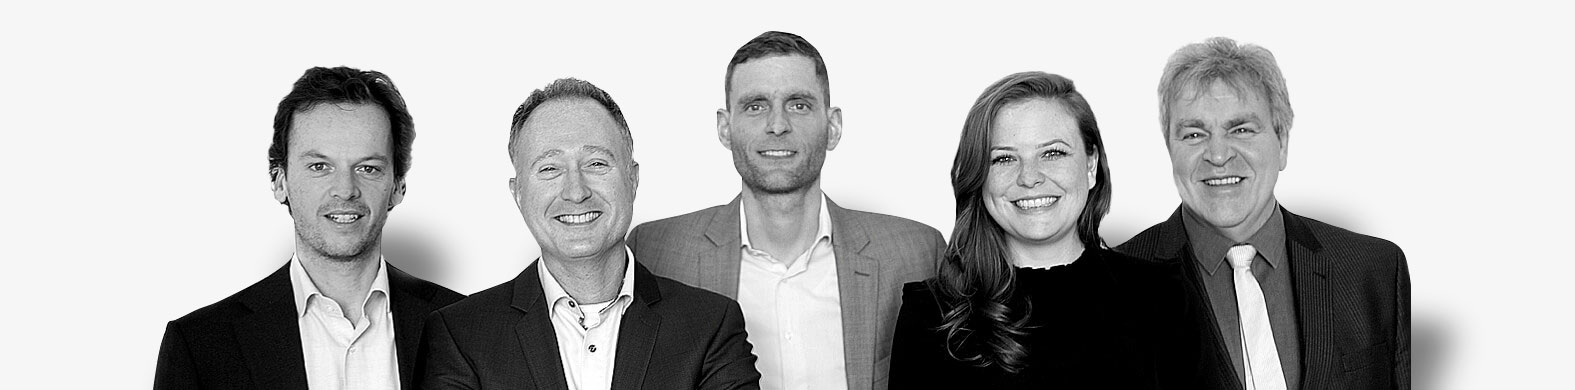 Advocaten van Bakker, Rigter en Lonterman